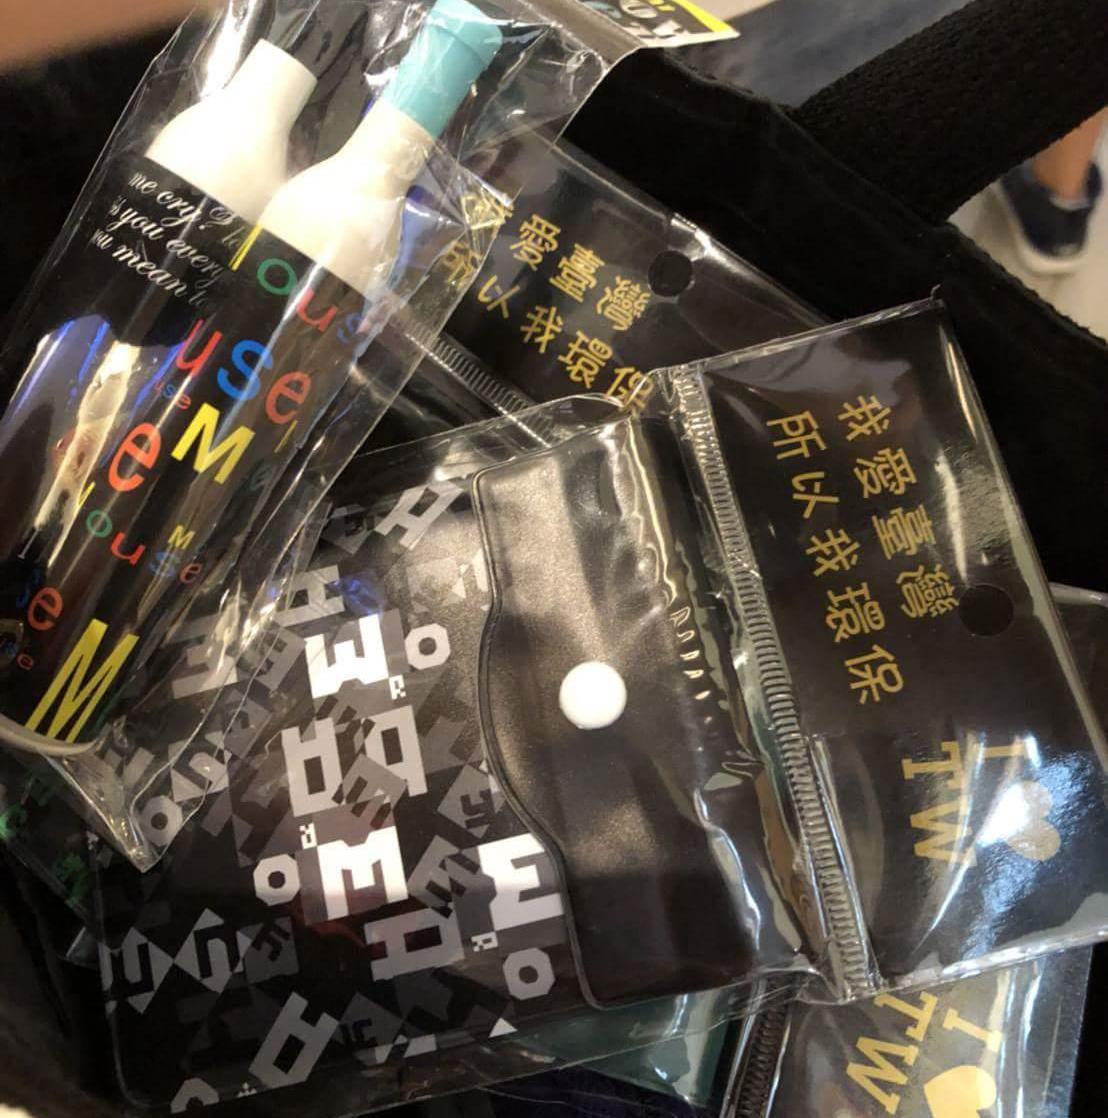 香港情侶在西門町商圈遭強迫推銷,花了台幣1200元購買零錢包與愛心筆。圖截自爆料...